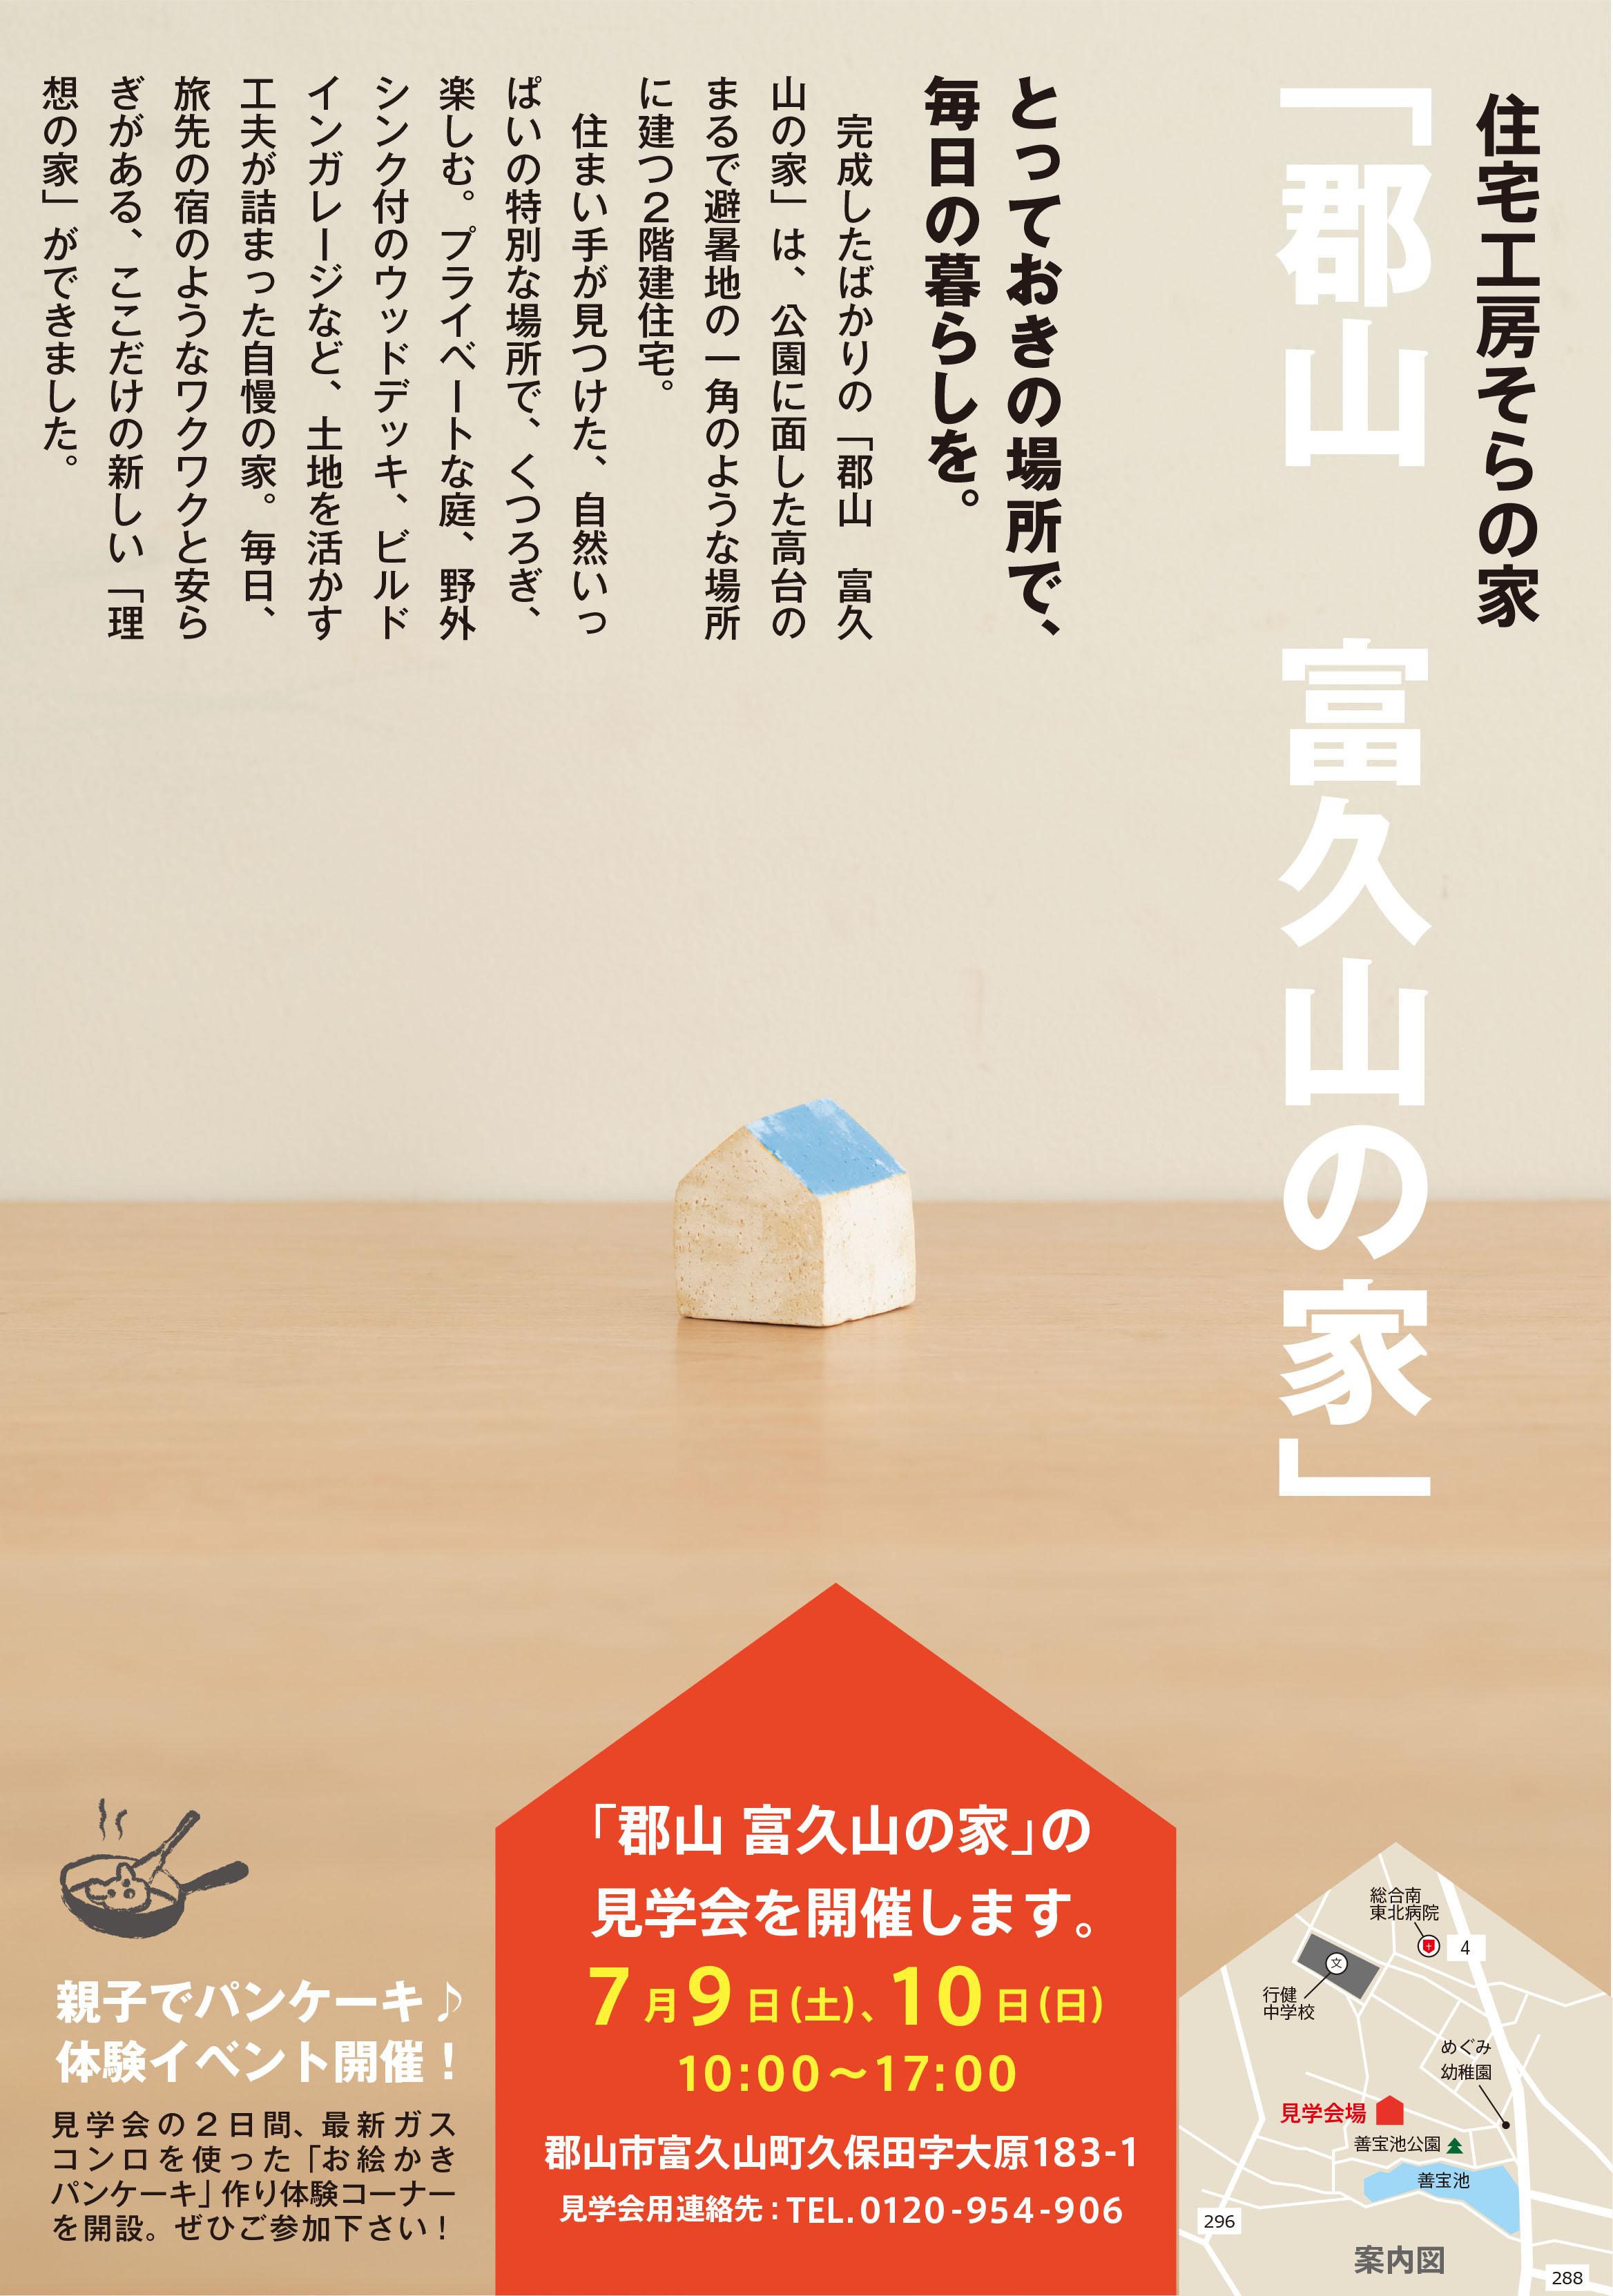 冨久山の家 web